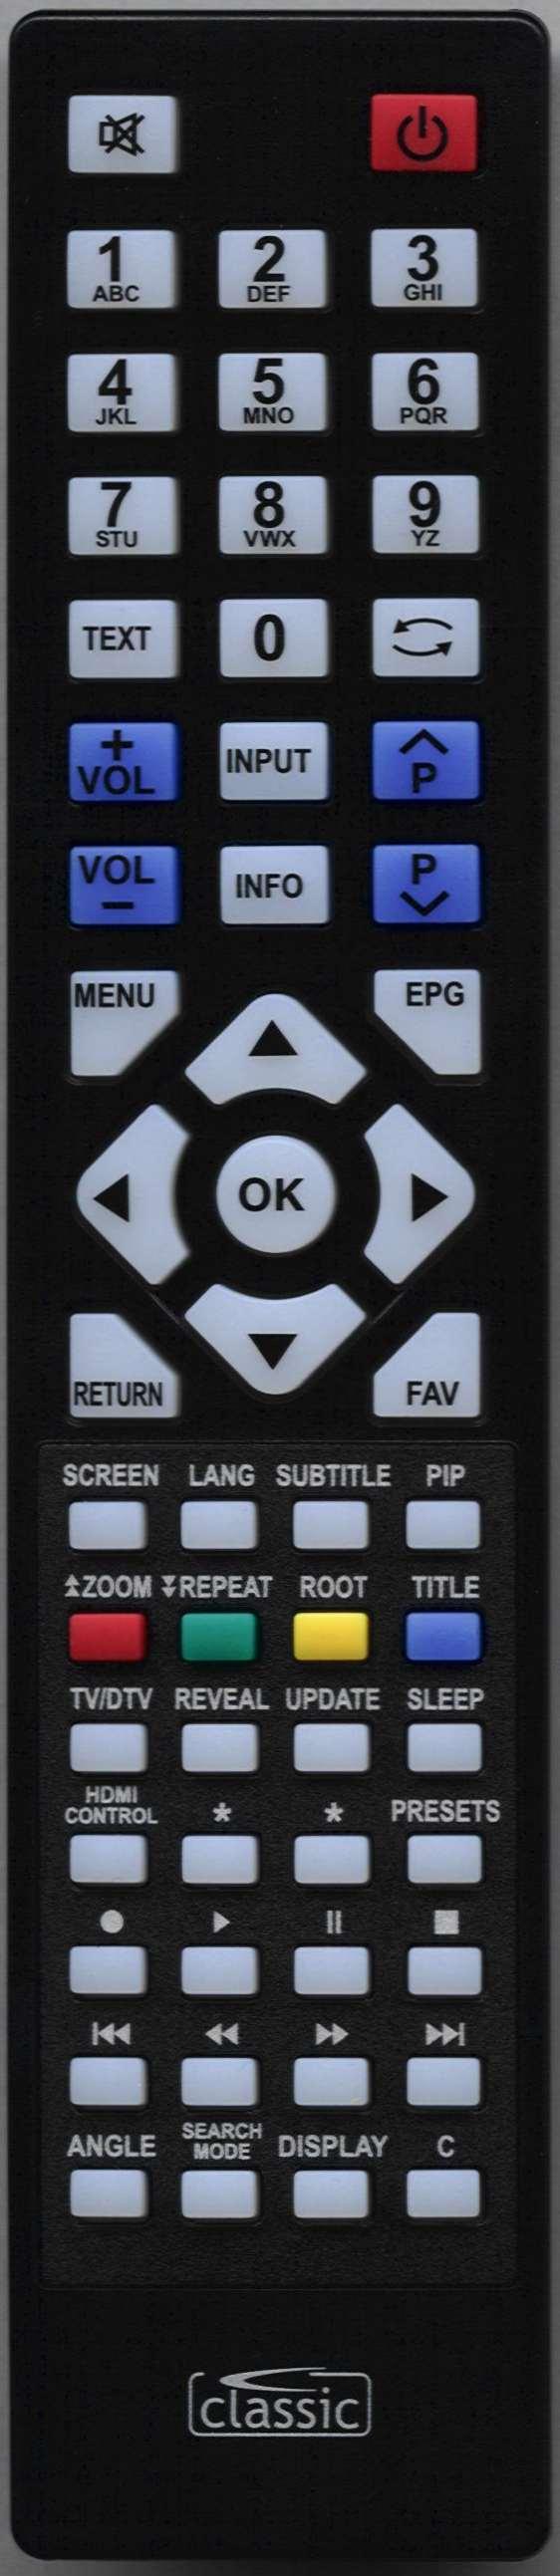 LUXOR V19LCDHD Remote Control Alternative